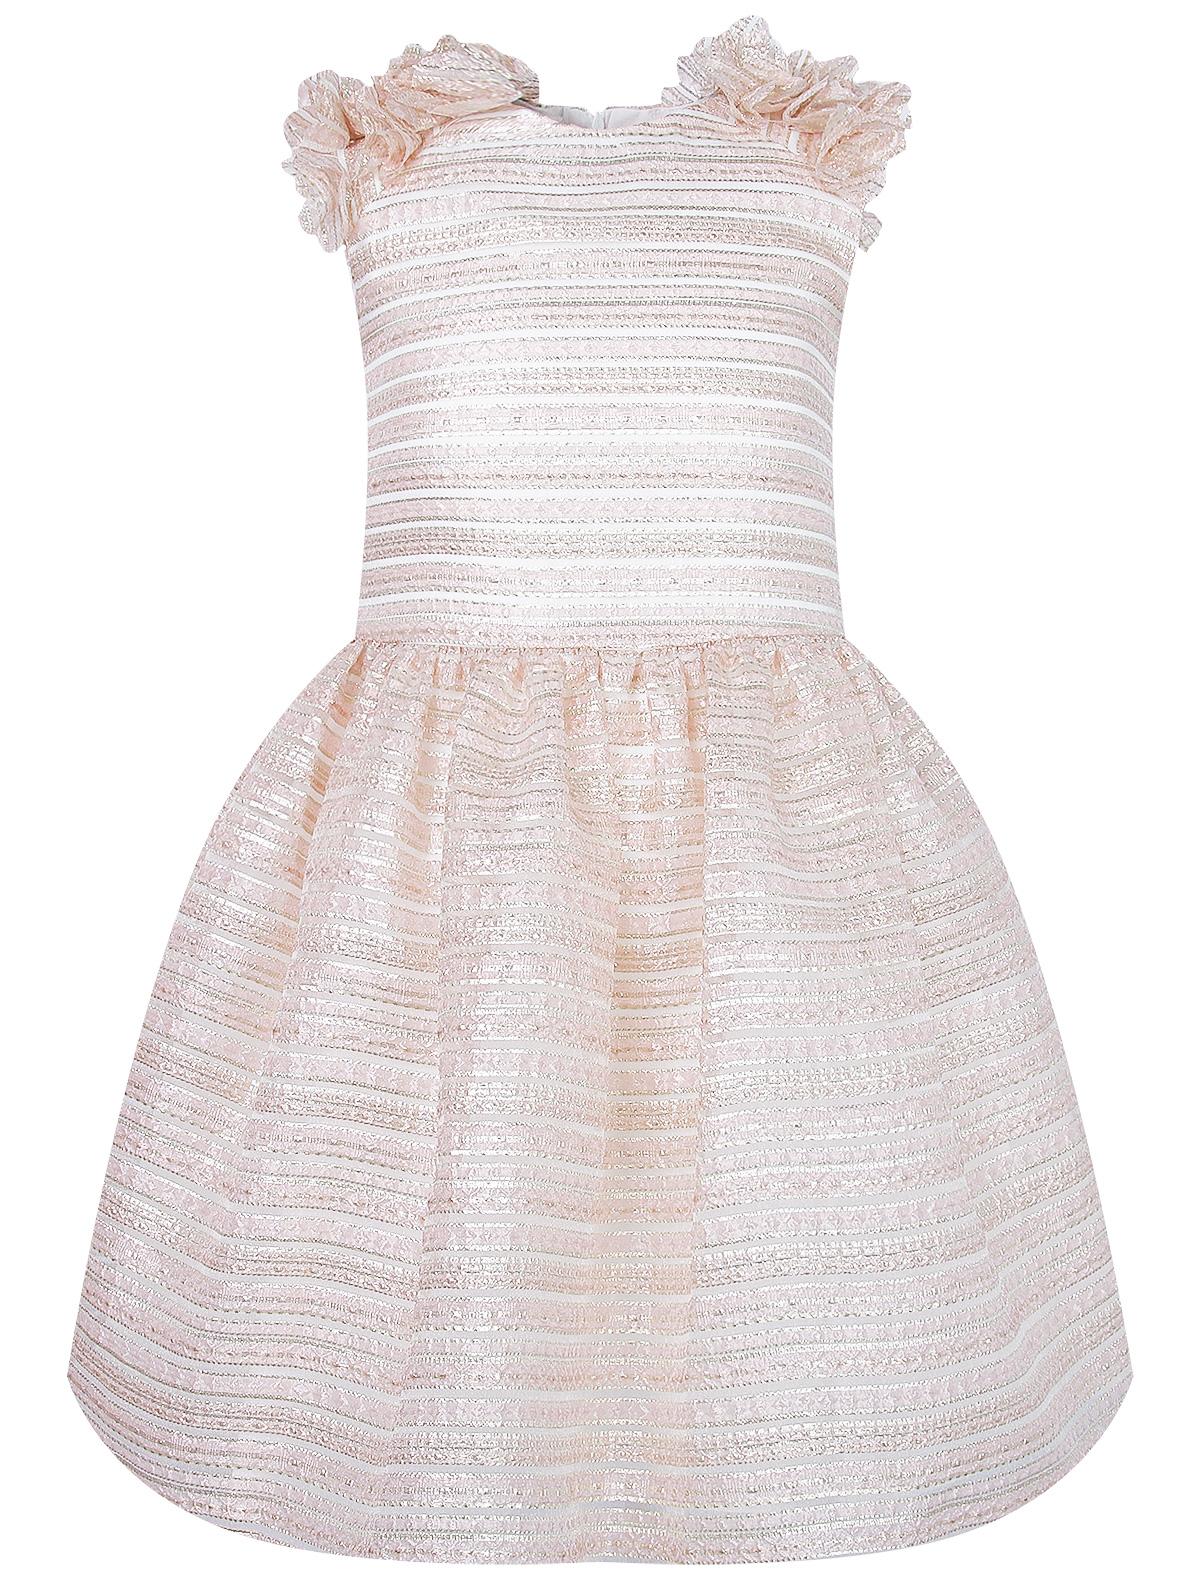 Купить 2202953, Платье David Charles, розовый, Женский, 1054609072165